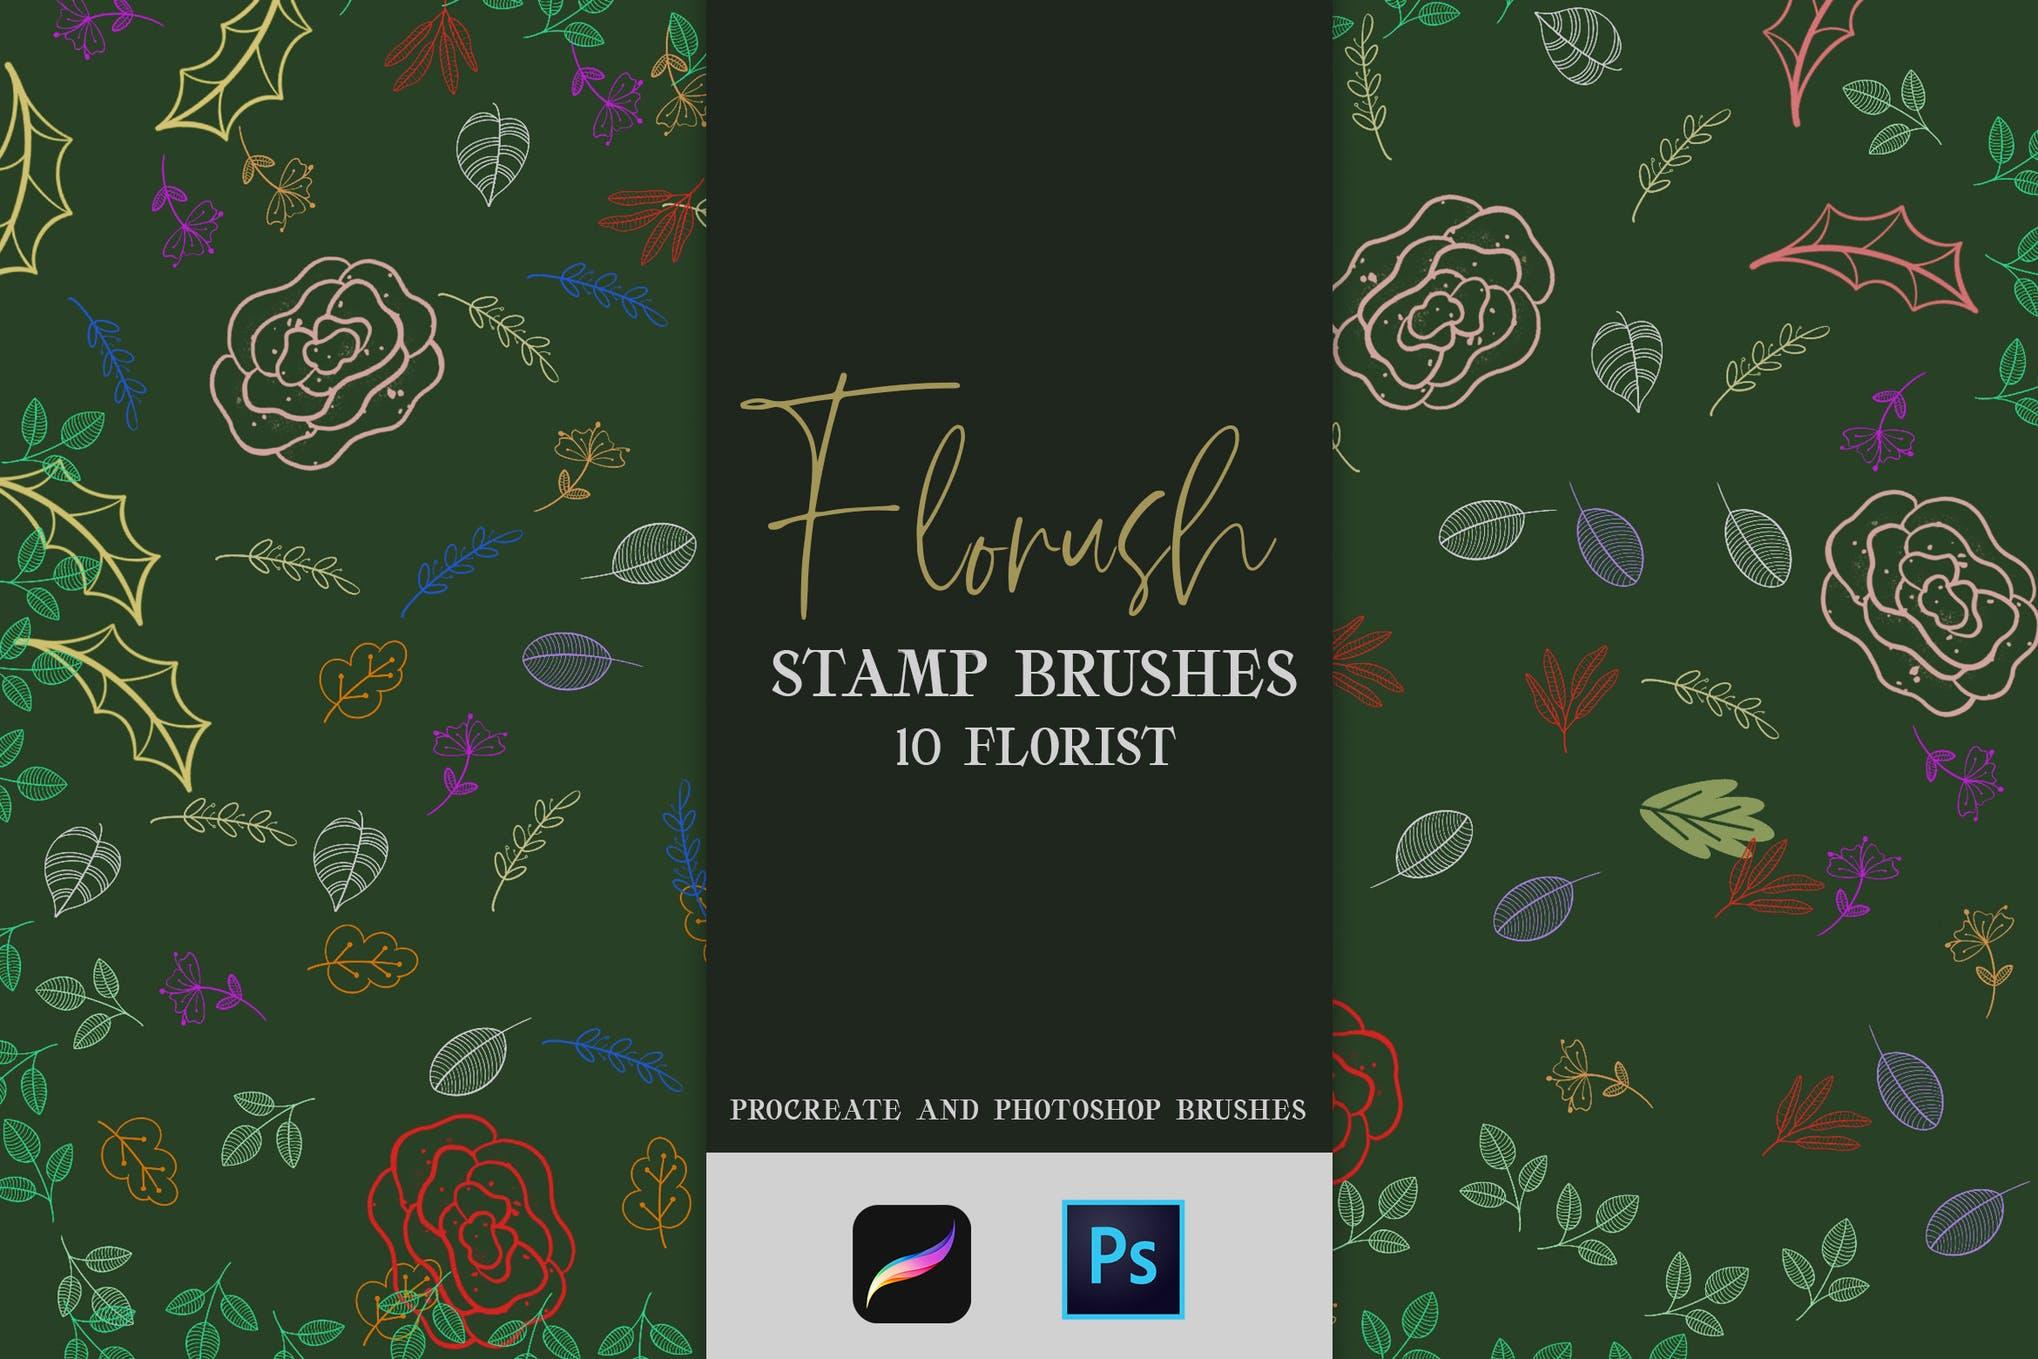 Florush Stamp Brushes